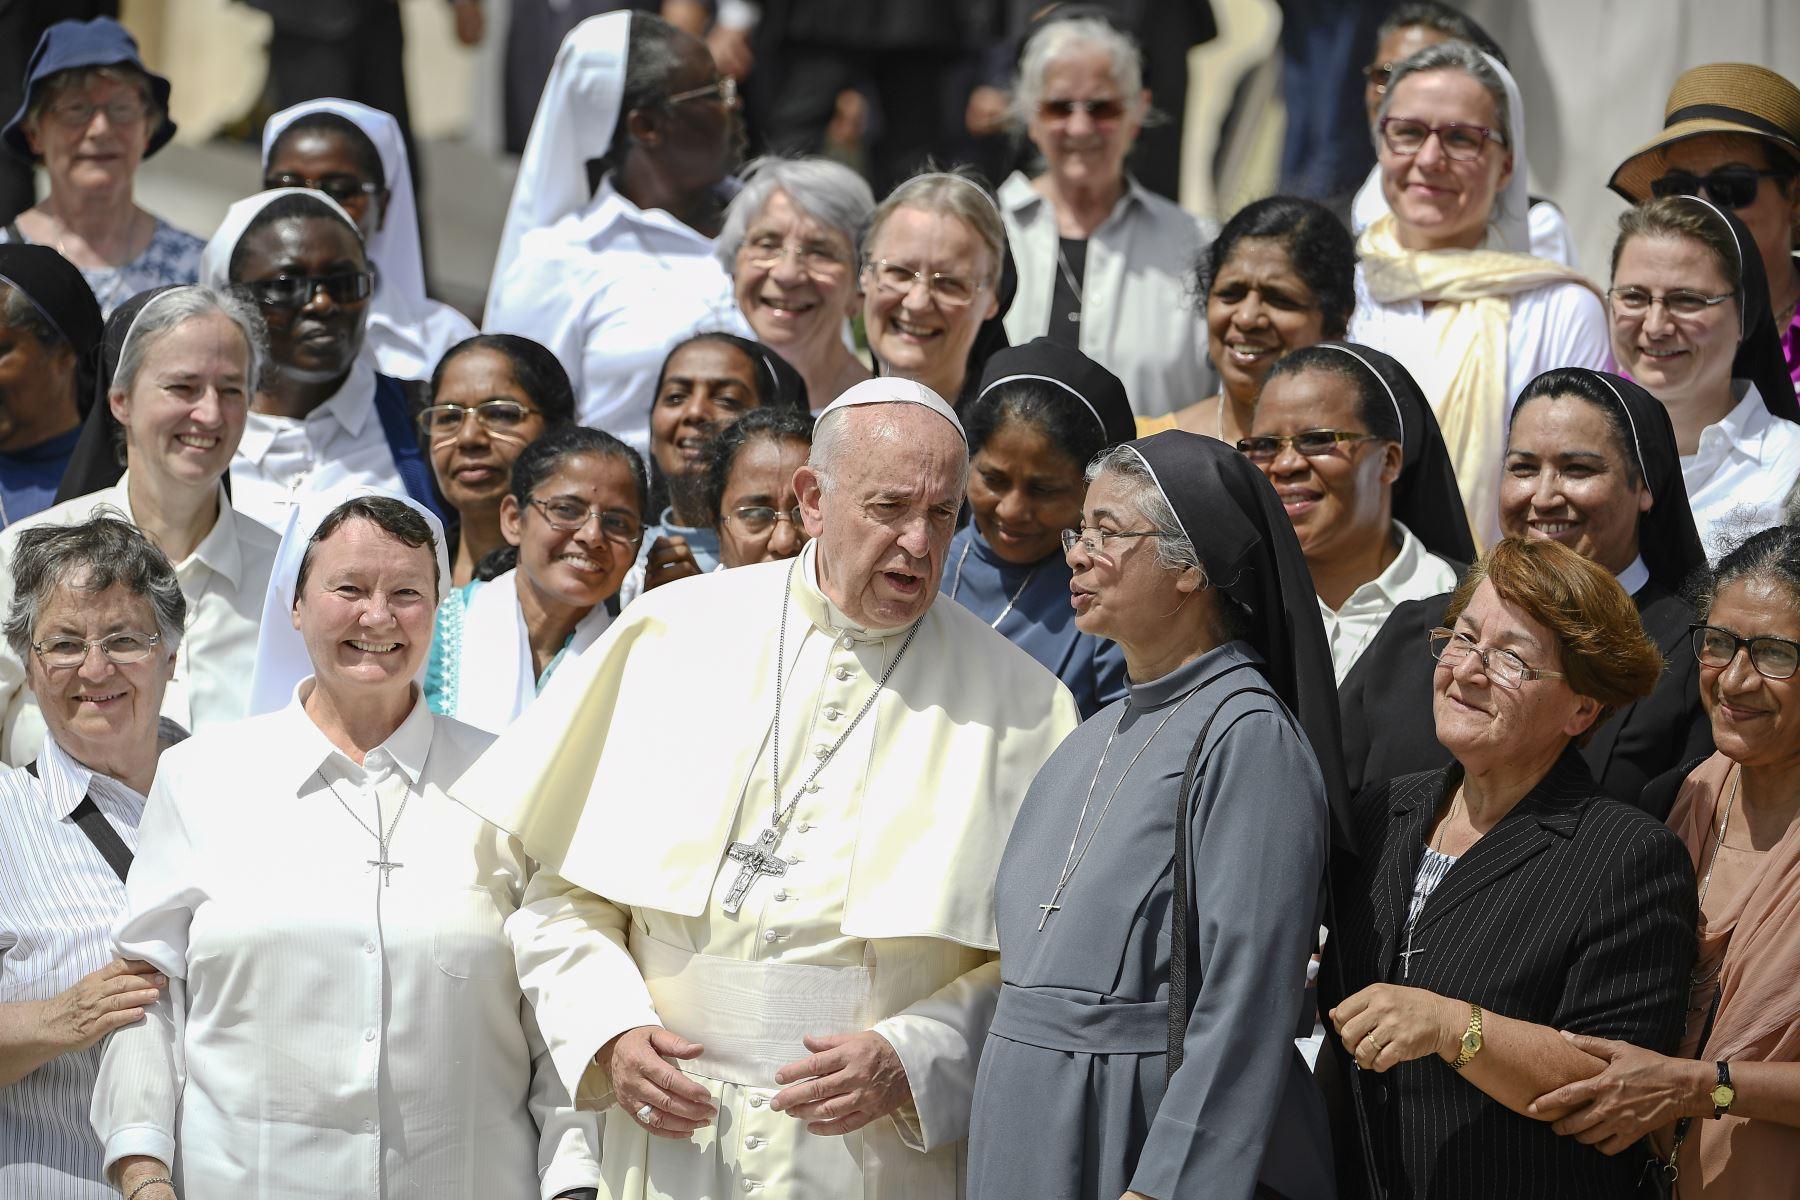 El Papa Francisco posa con monjas al final de la audiencia general en la plaza de San Pedro en el Vaticano. Foto: AFP